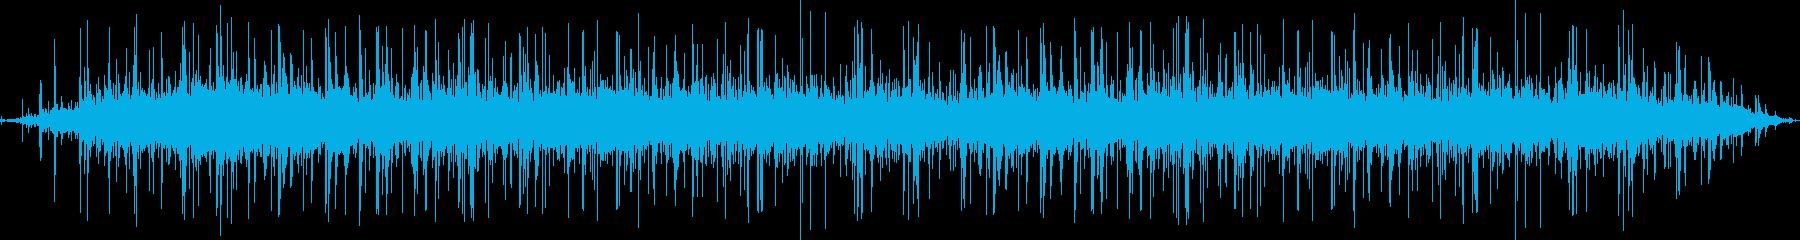 【拍手】 ホールでの拍手 パチパチパチの再生済みの波形